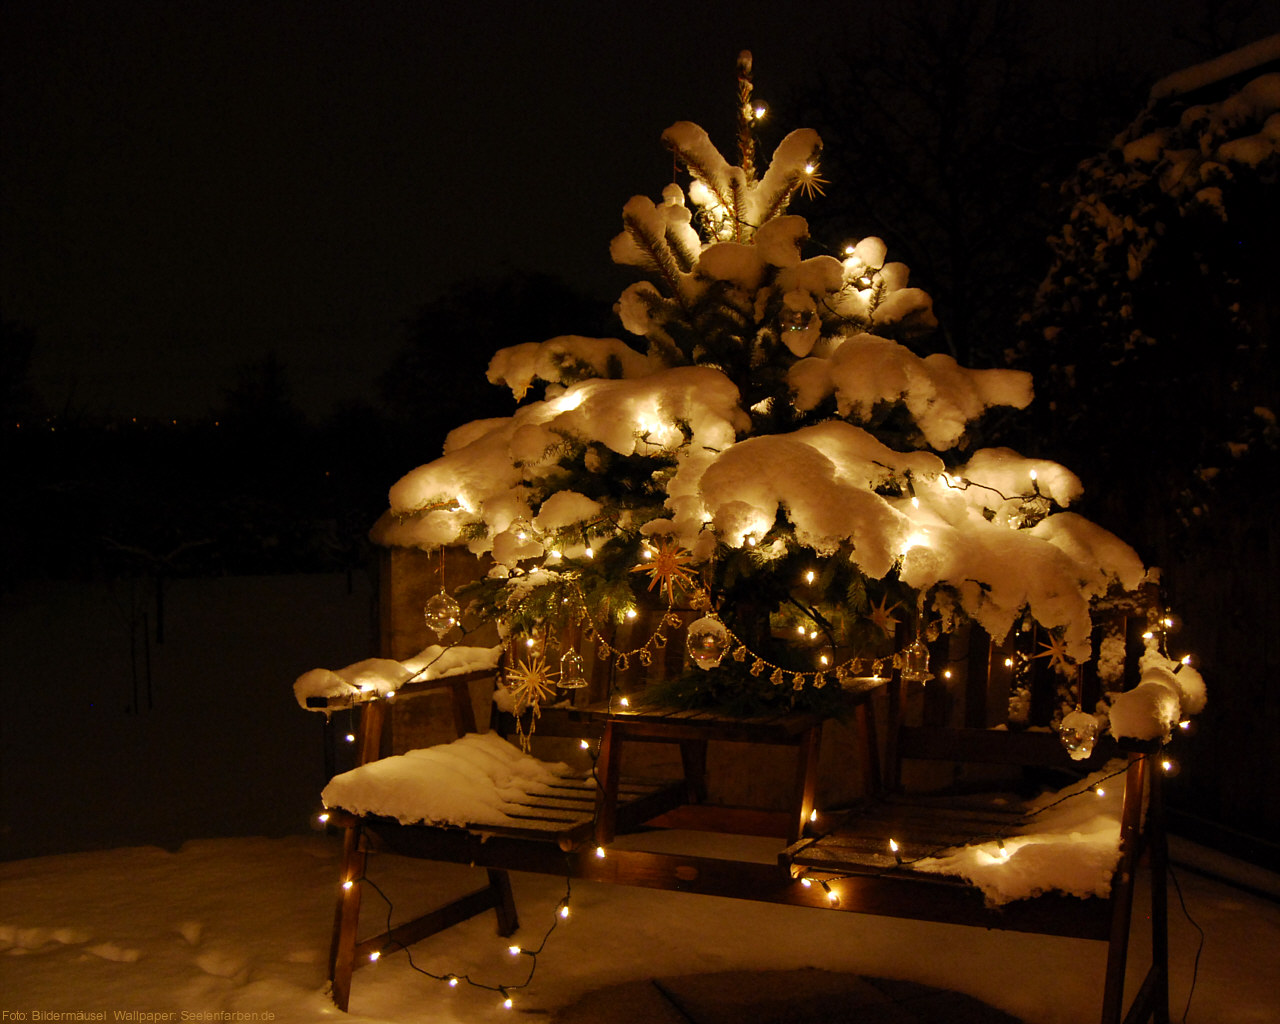 Seelenfarben Weihnachten.Weihnachten Schnee Tannenbaum Christbaumschmuck